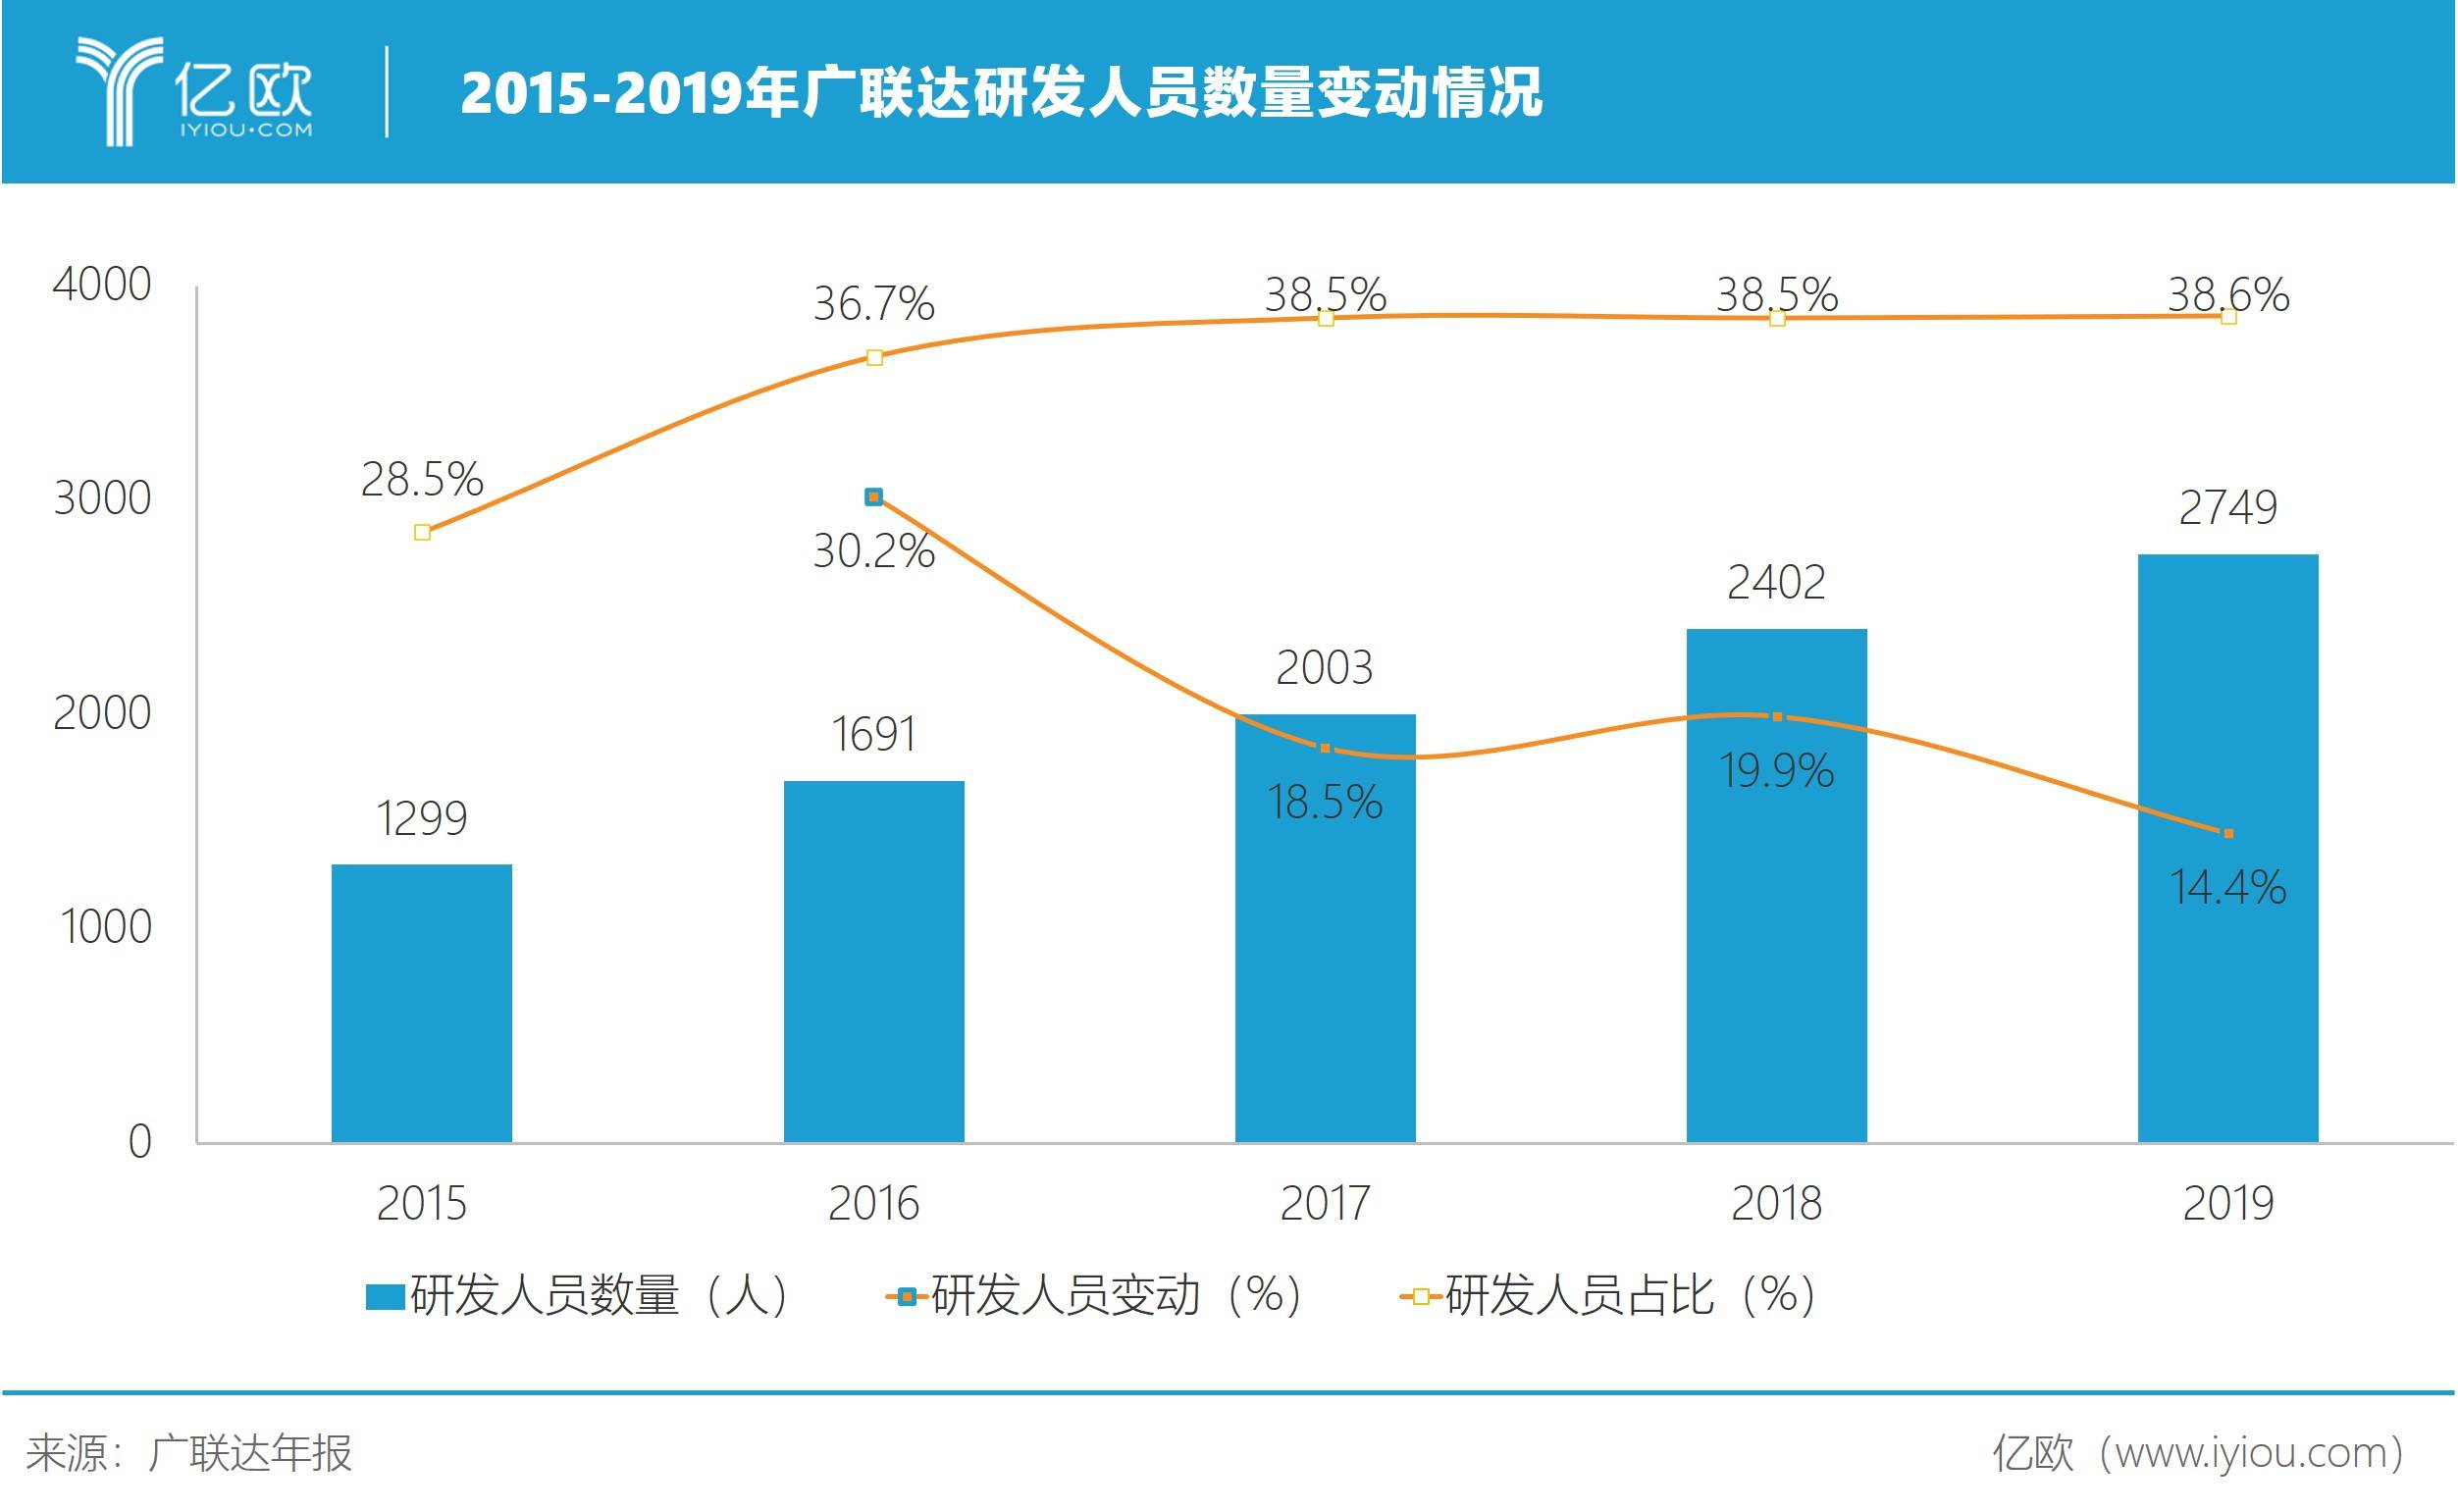 2015-2019年广联达研发人员数目转折情况